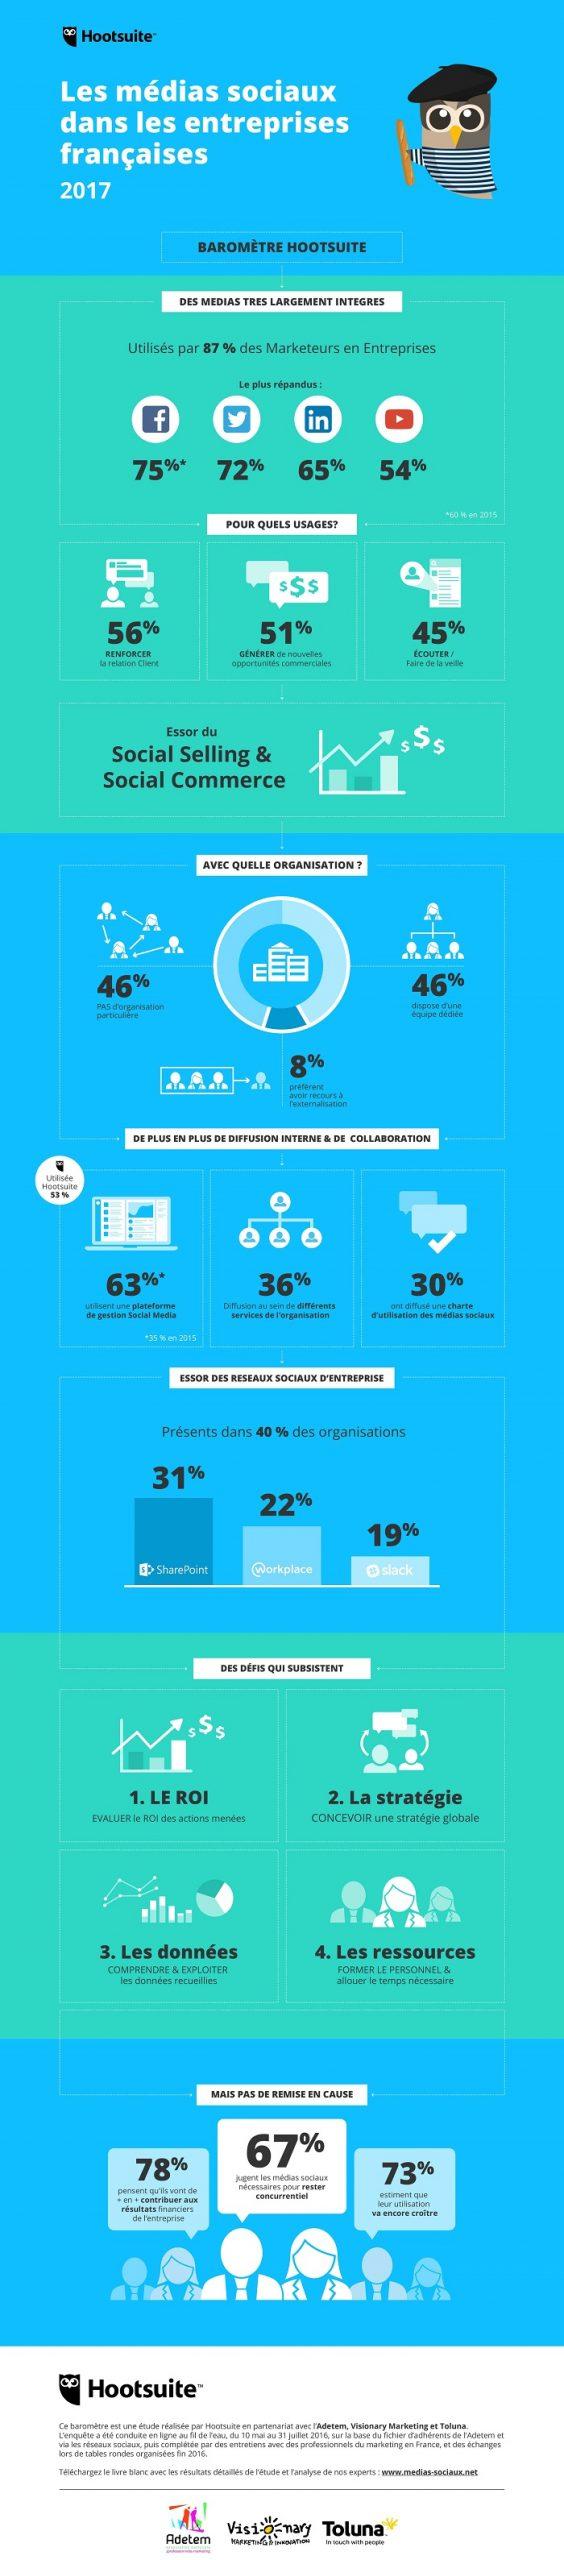 les entreprises et les medias sociaux